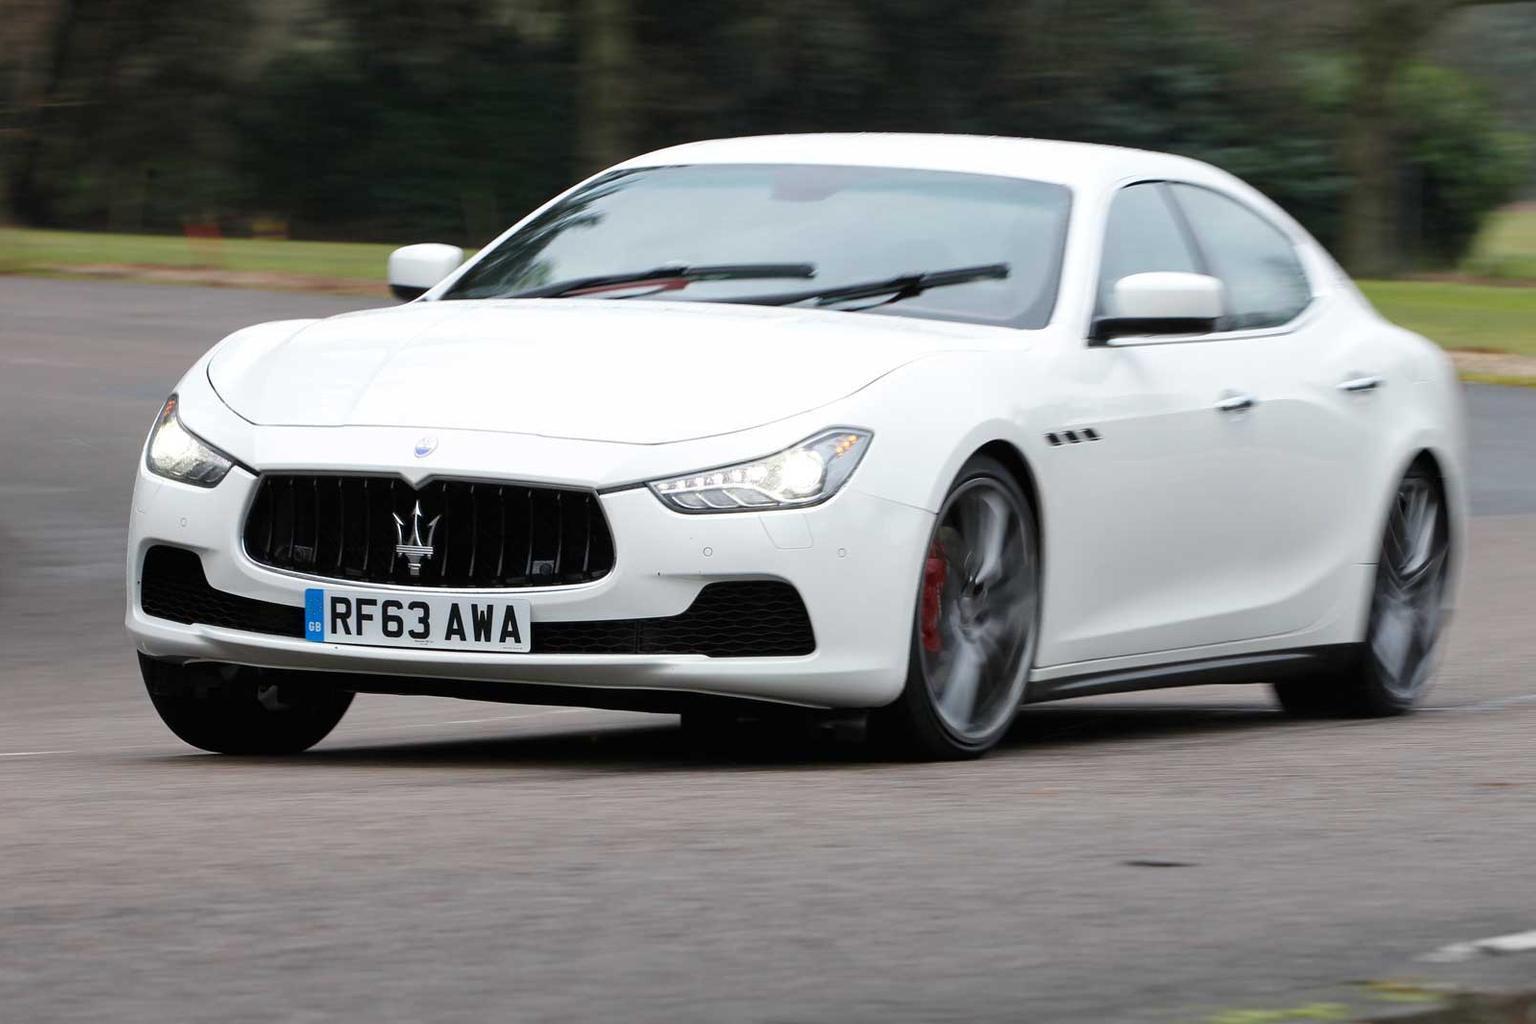 2014 Maserati Ghibli diesel review